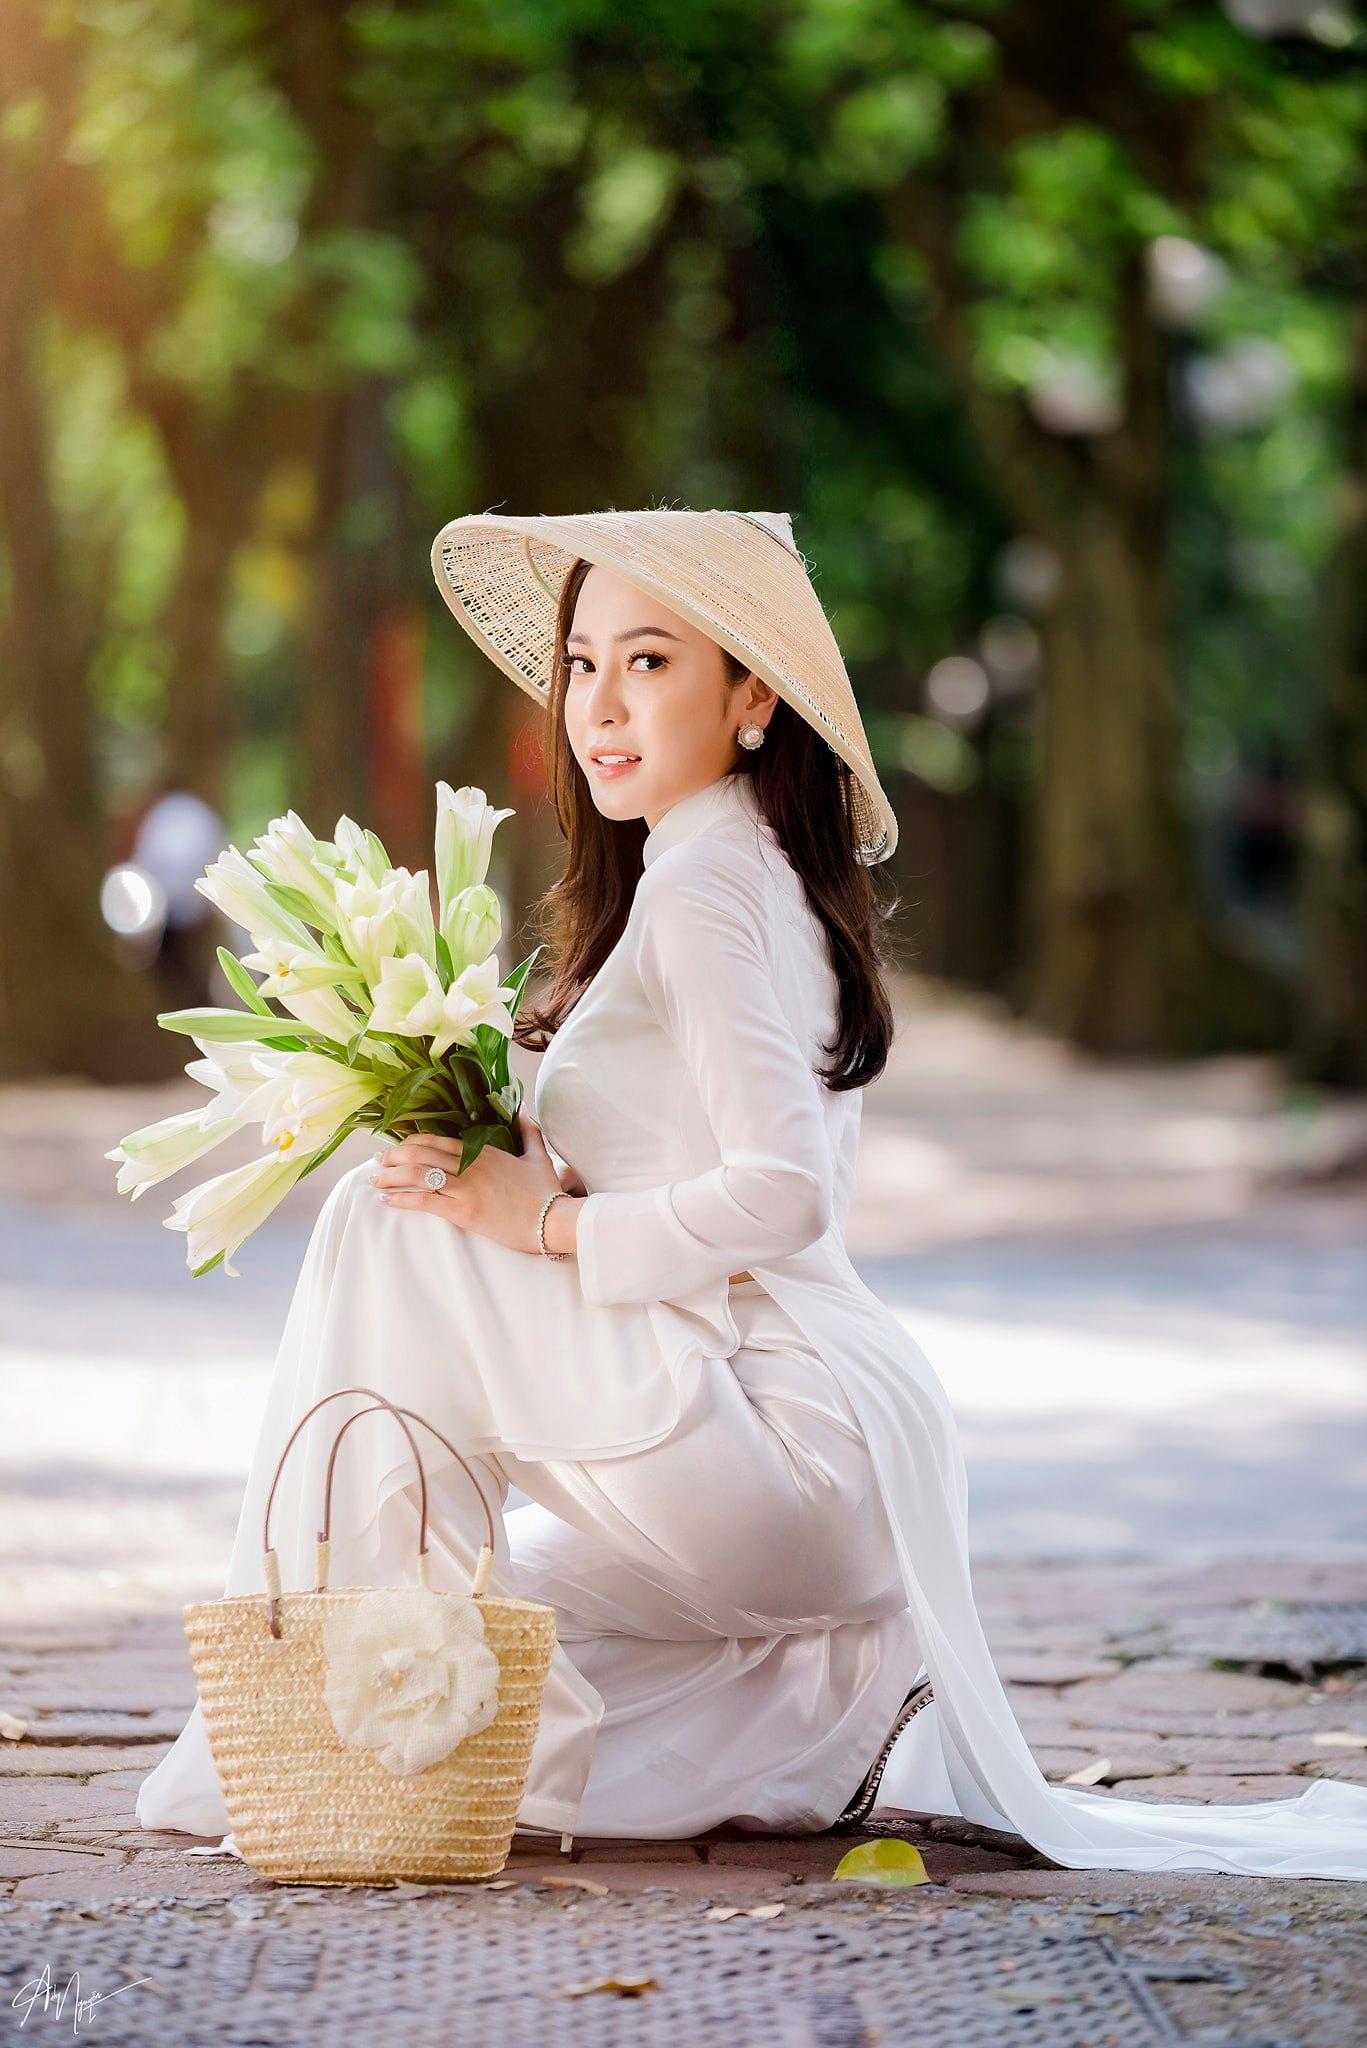 Tuyển tập girl xinh gái đẹp Việt Nam mặc áo dài đẹp mê hồn #57 - 16